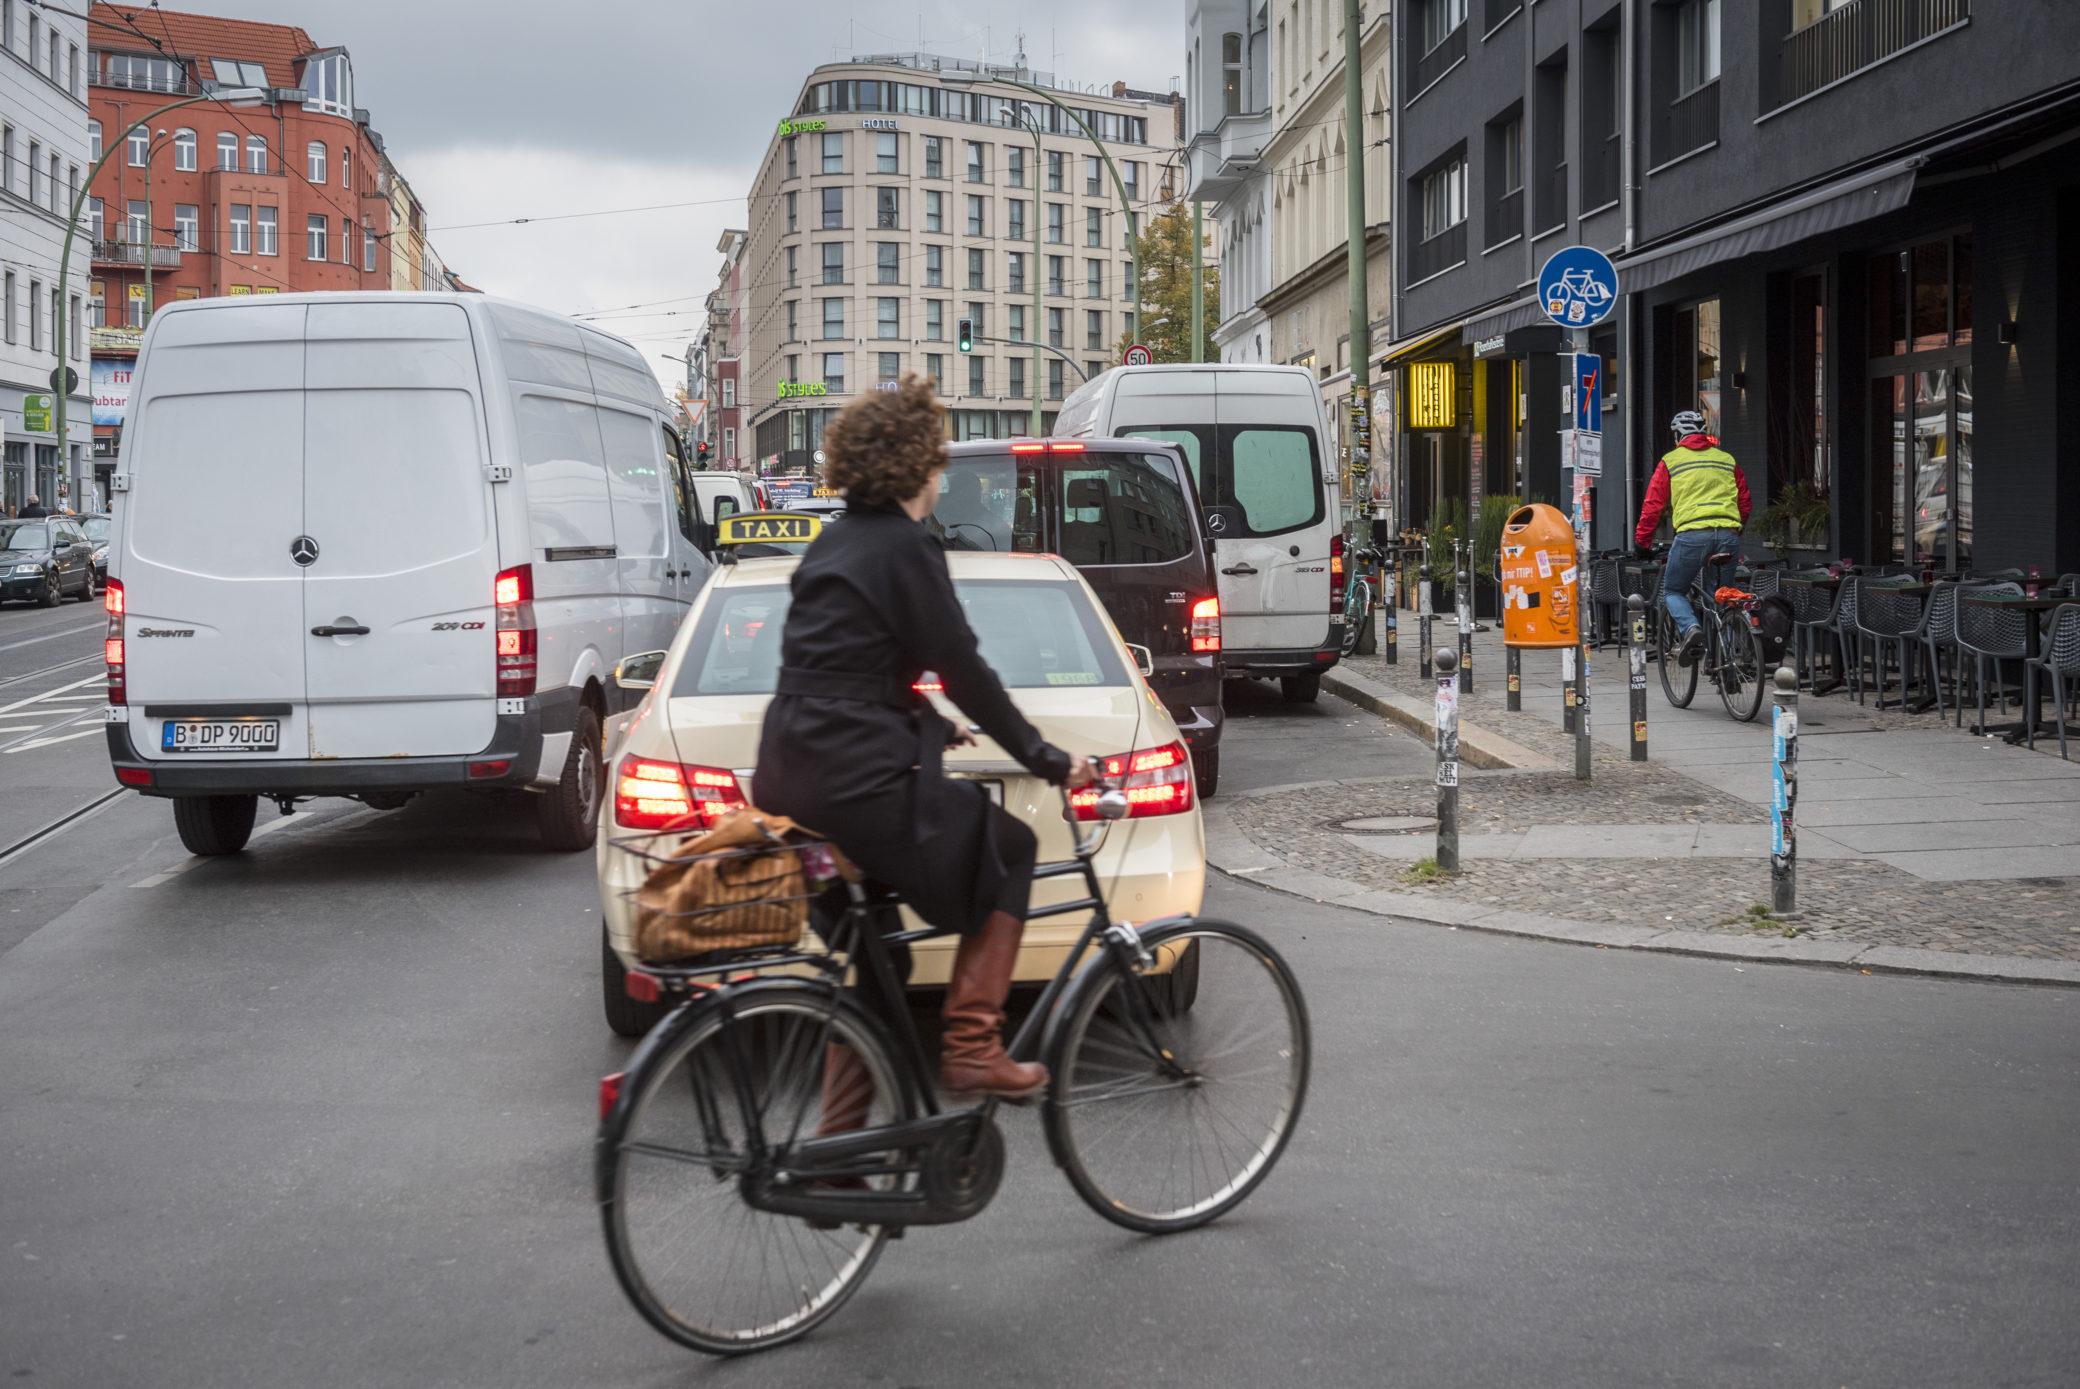 Fahrrad-Infrastruktur: nicht überall zufriedenstellend